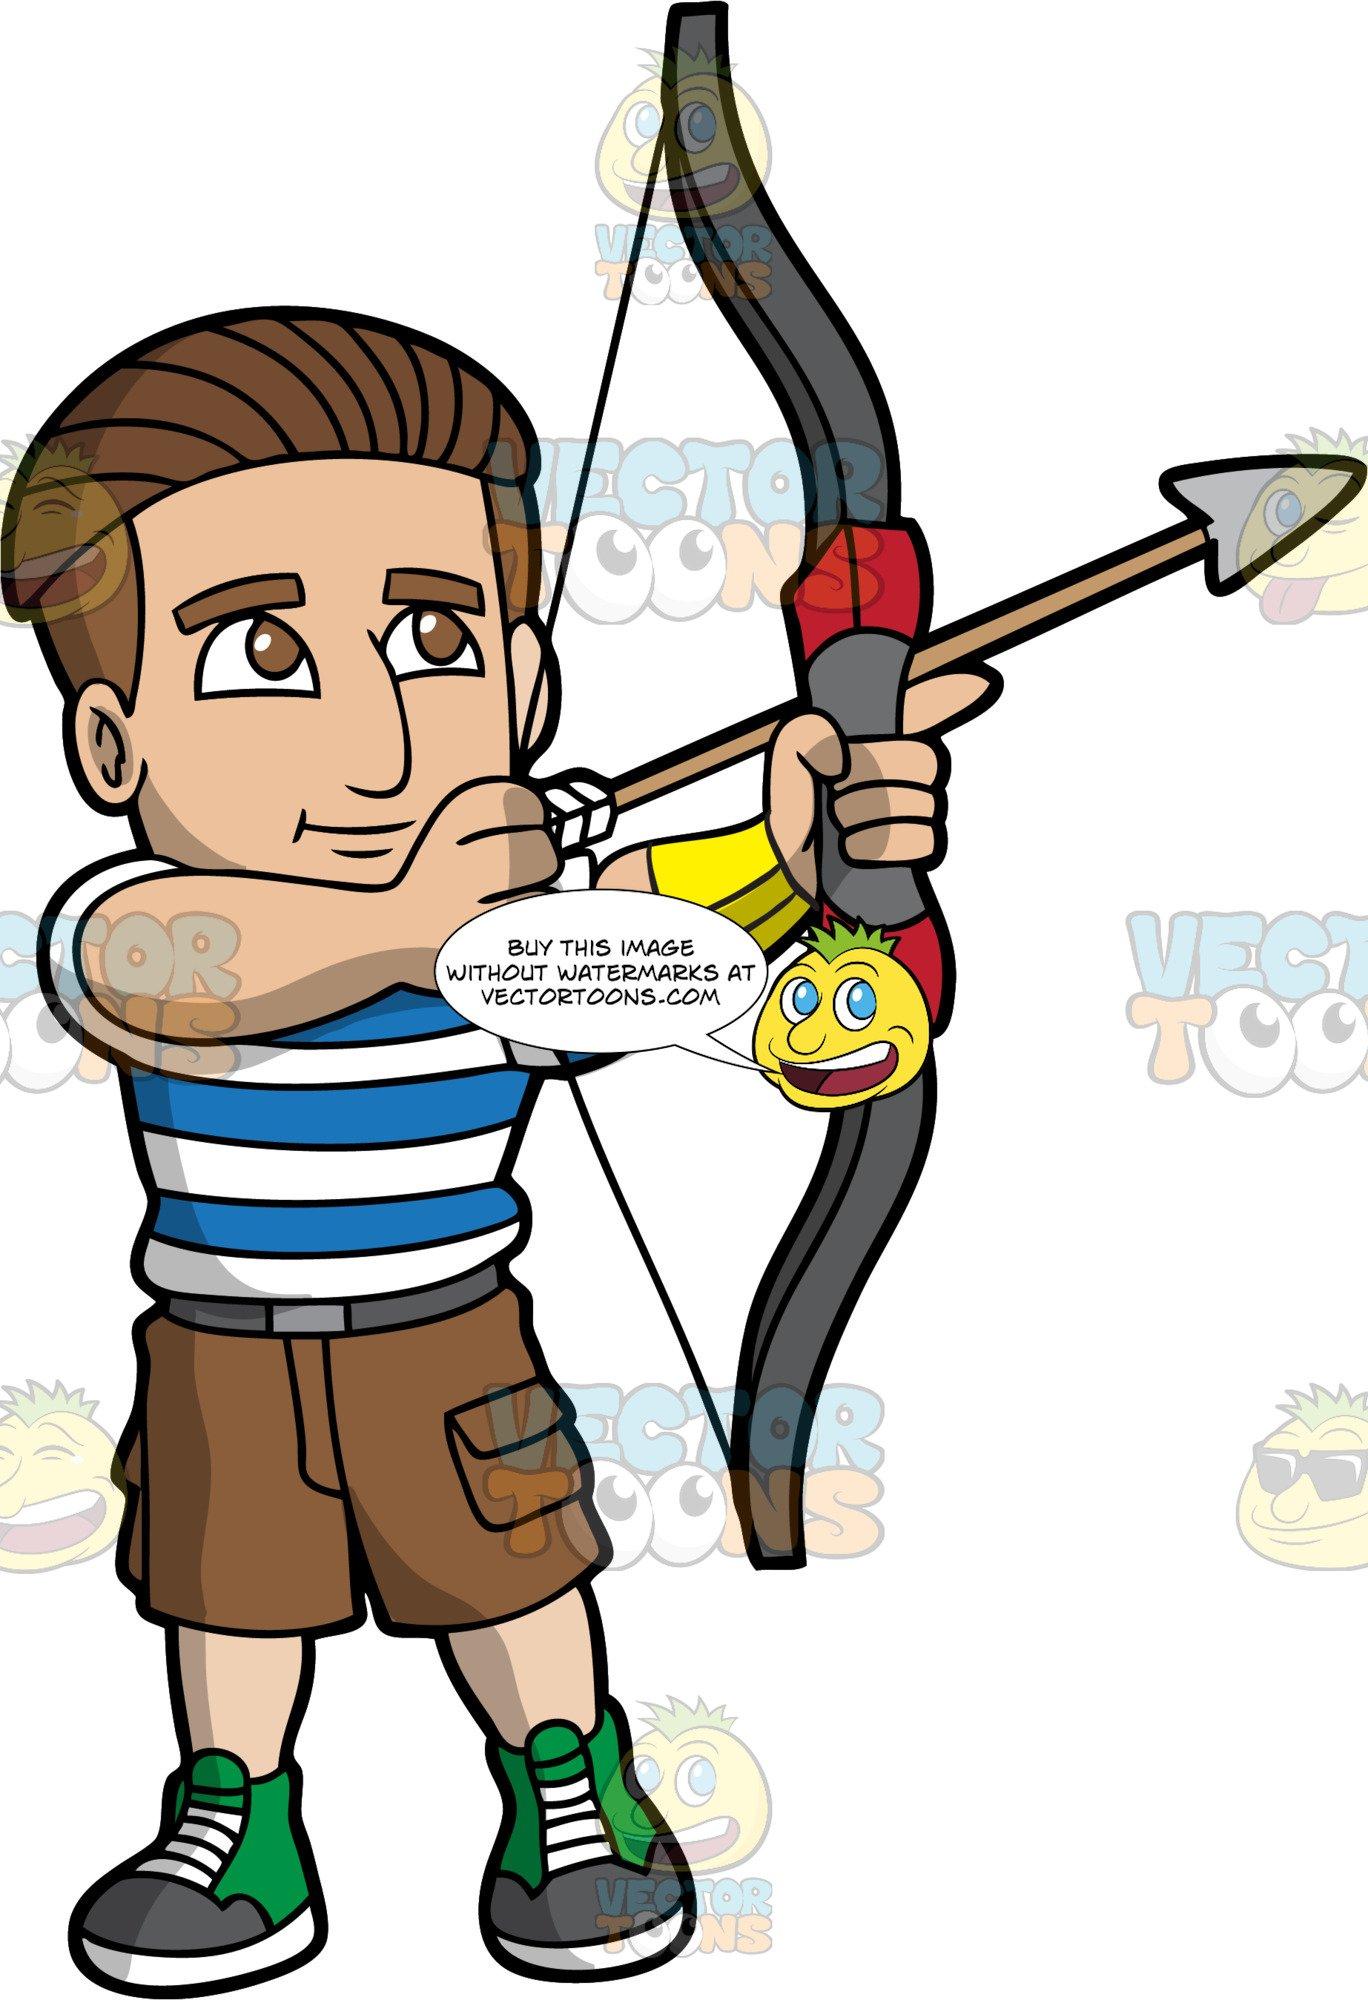 A man loading an arrow into his archery bow.